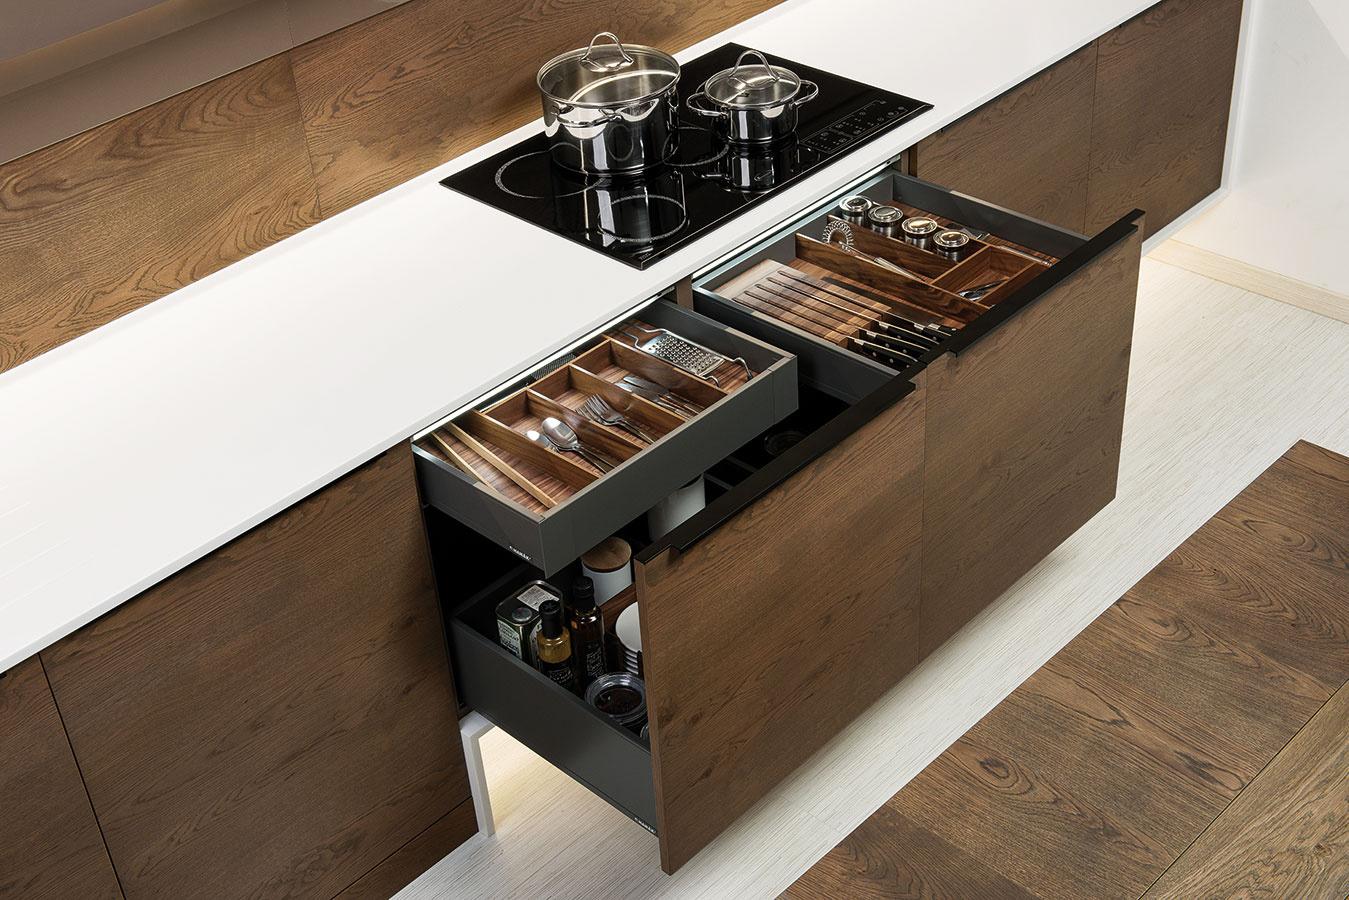 Na vnútornú organizáciu skriniek, resp. zásuviek možno použiť rozmanité riešenia – od jednoduchých a cenovo nenáročných plastových príborníkov po precízne vypracované systémy z masívneho dreva, prípadne iných materiálov, ktoré ponúkajú oddelenia na koreničky i nože.